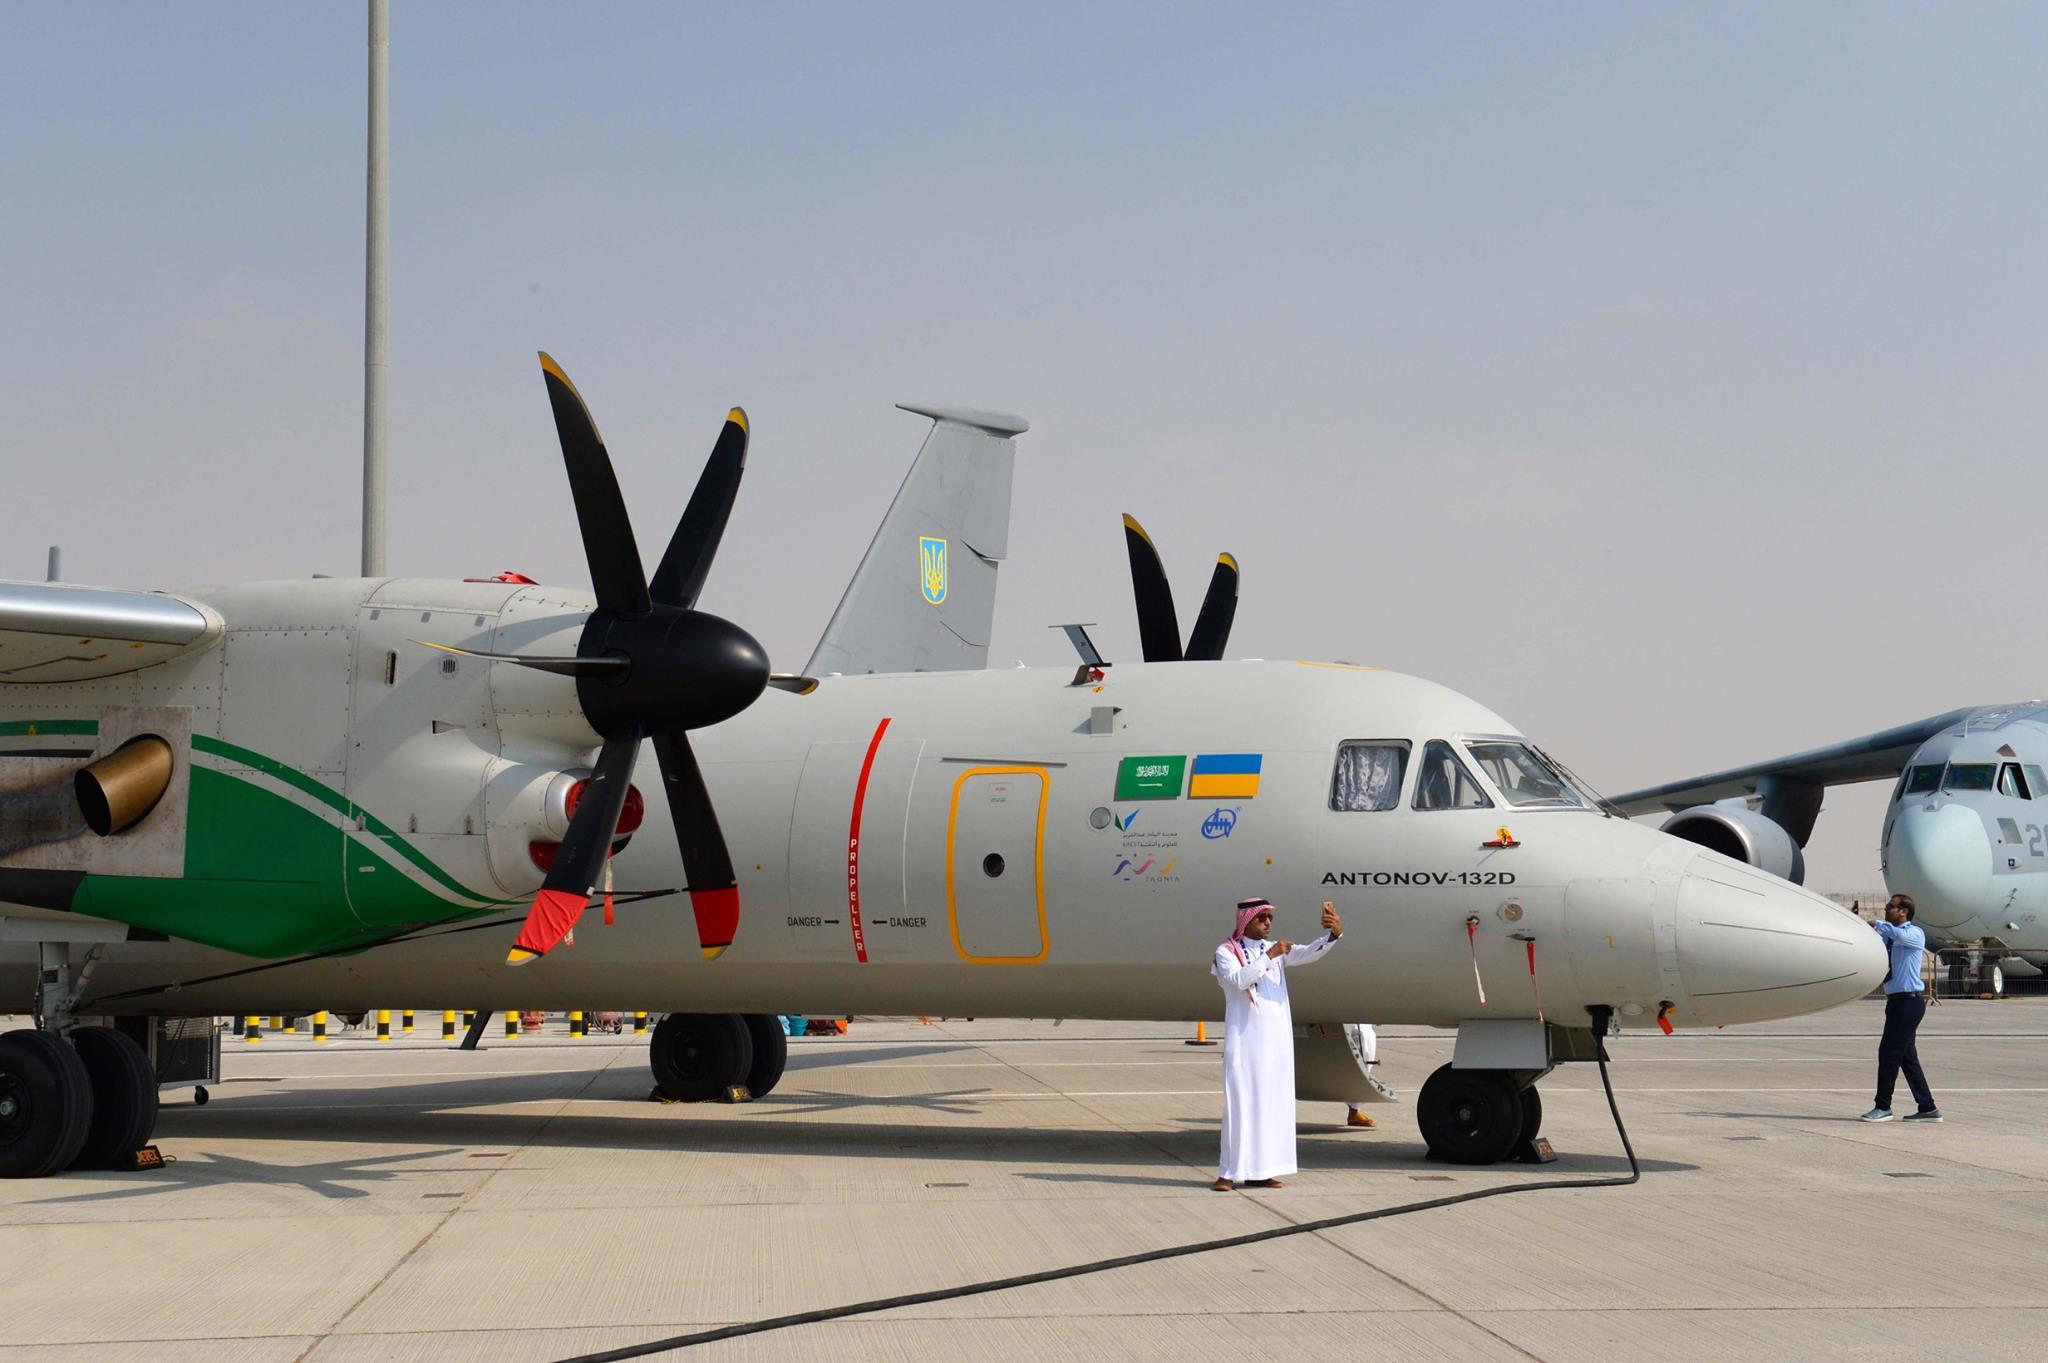 АN-132D AT DUBAI AIR SHOW-2017